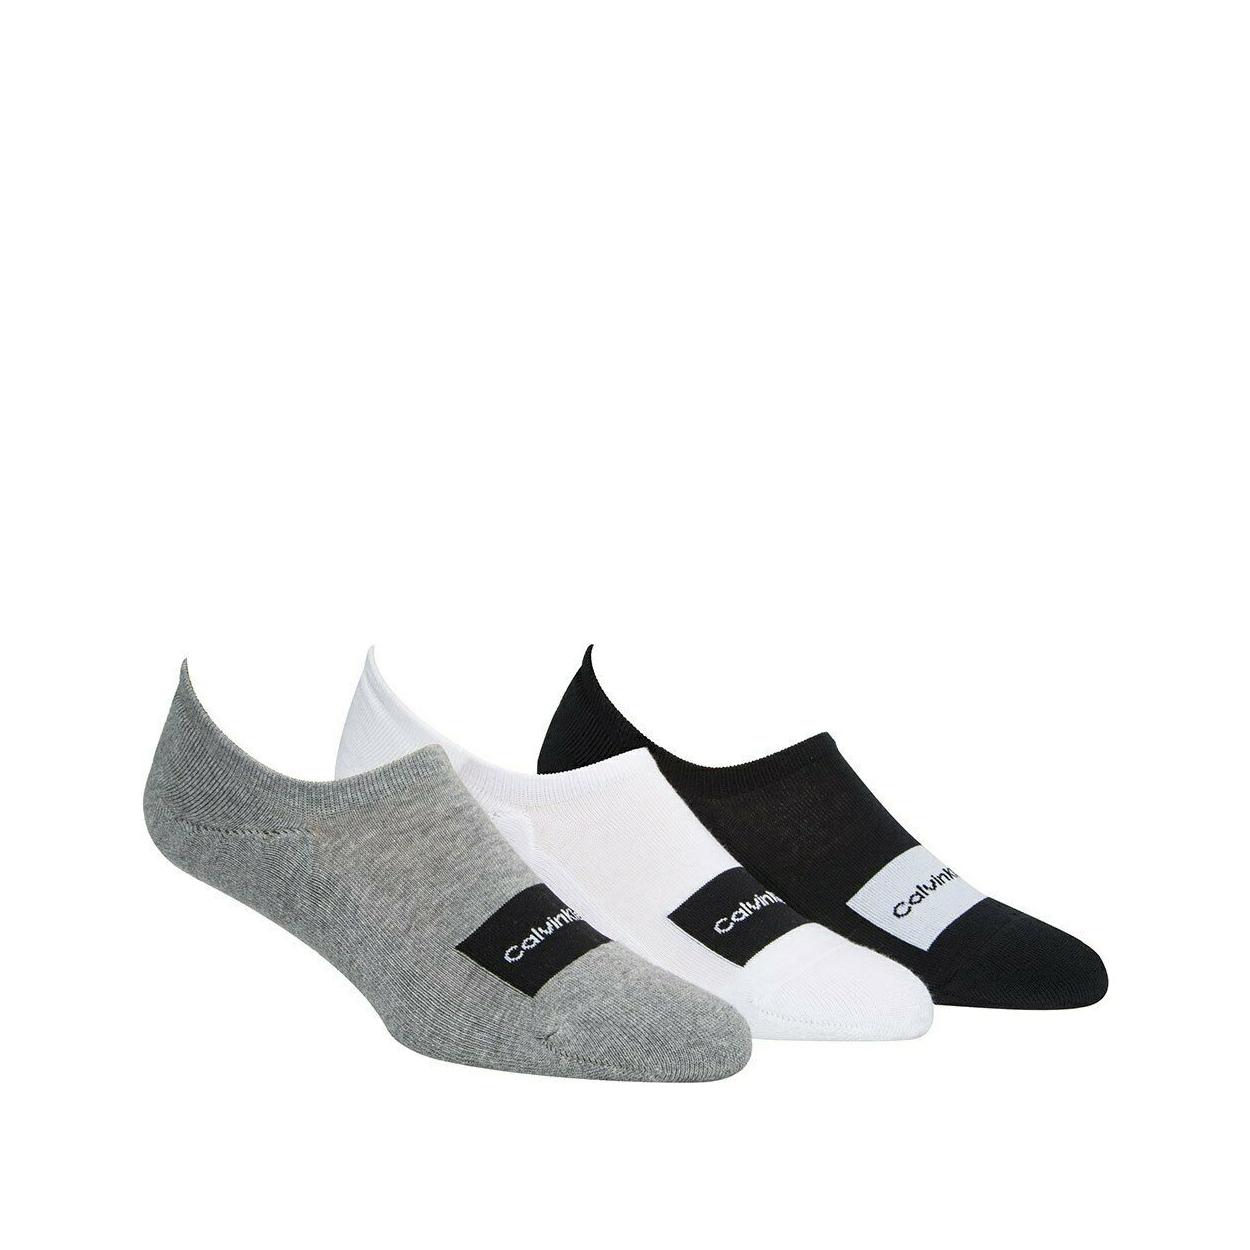 Lot de 3 paires de chaussettes basses calvin klein en coton mélangé stretch noir, gris et blanc vendues dans une trousse